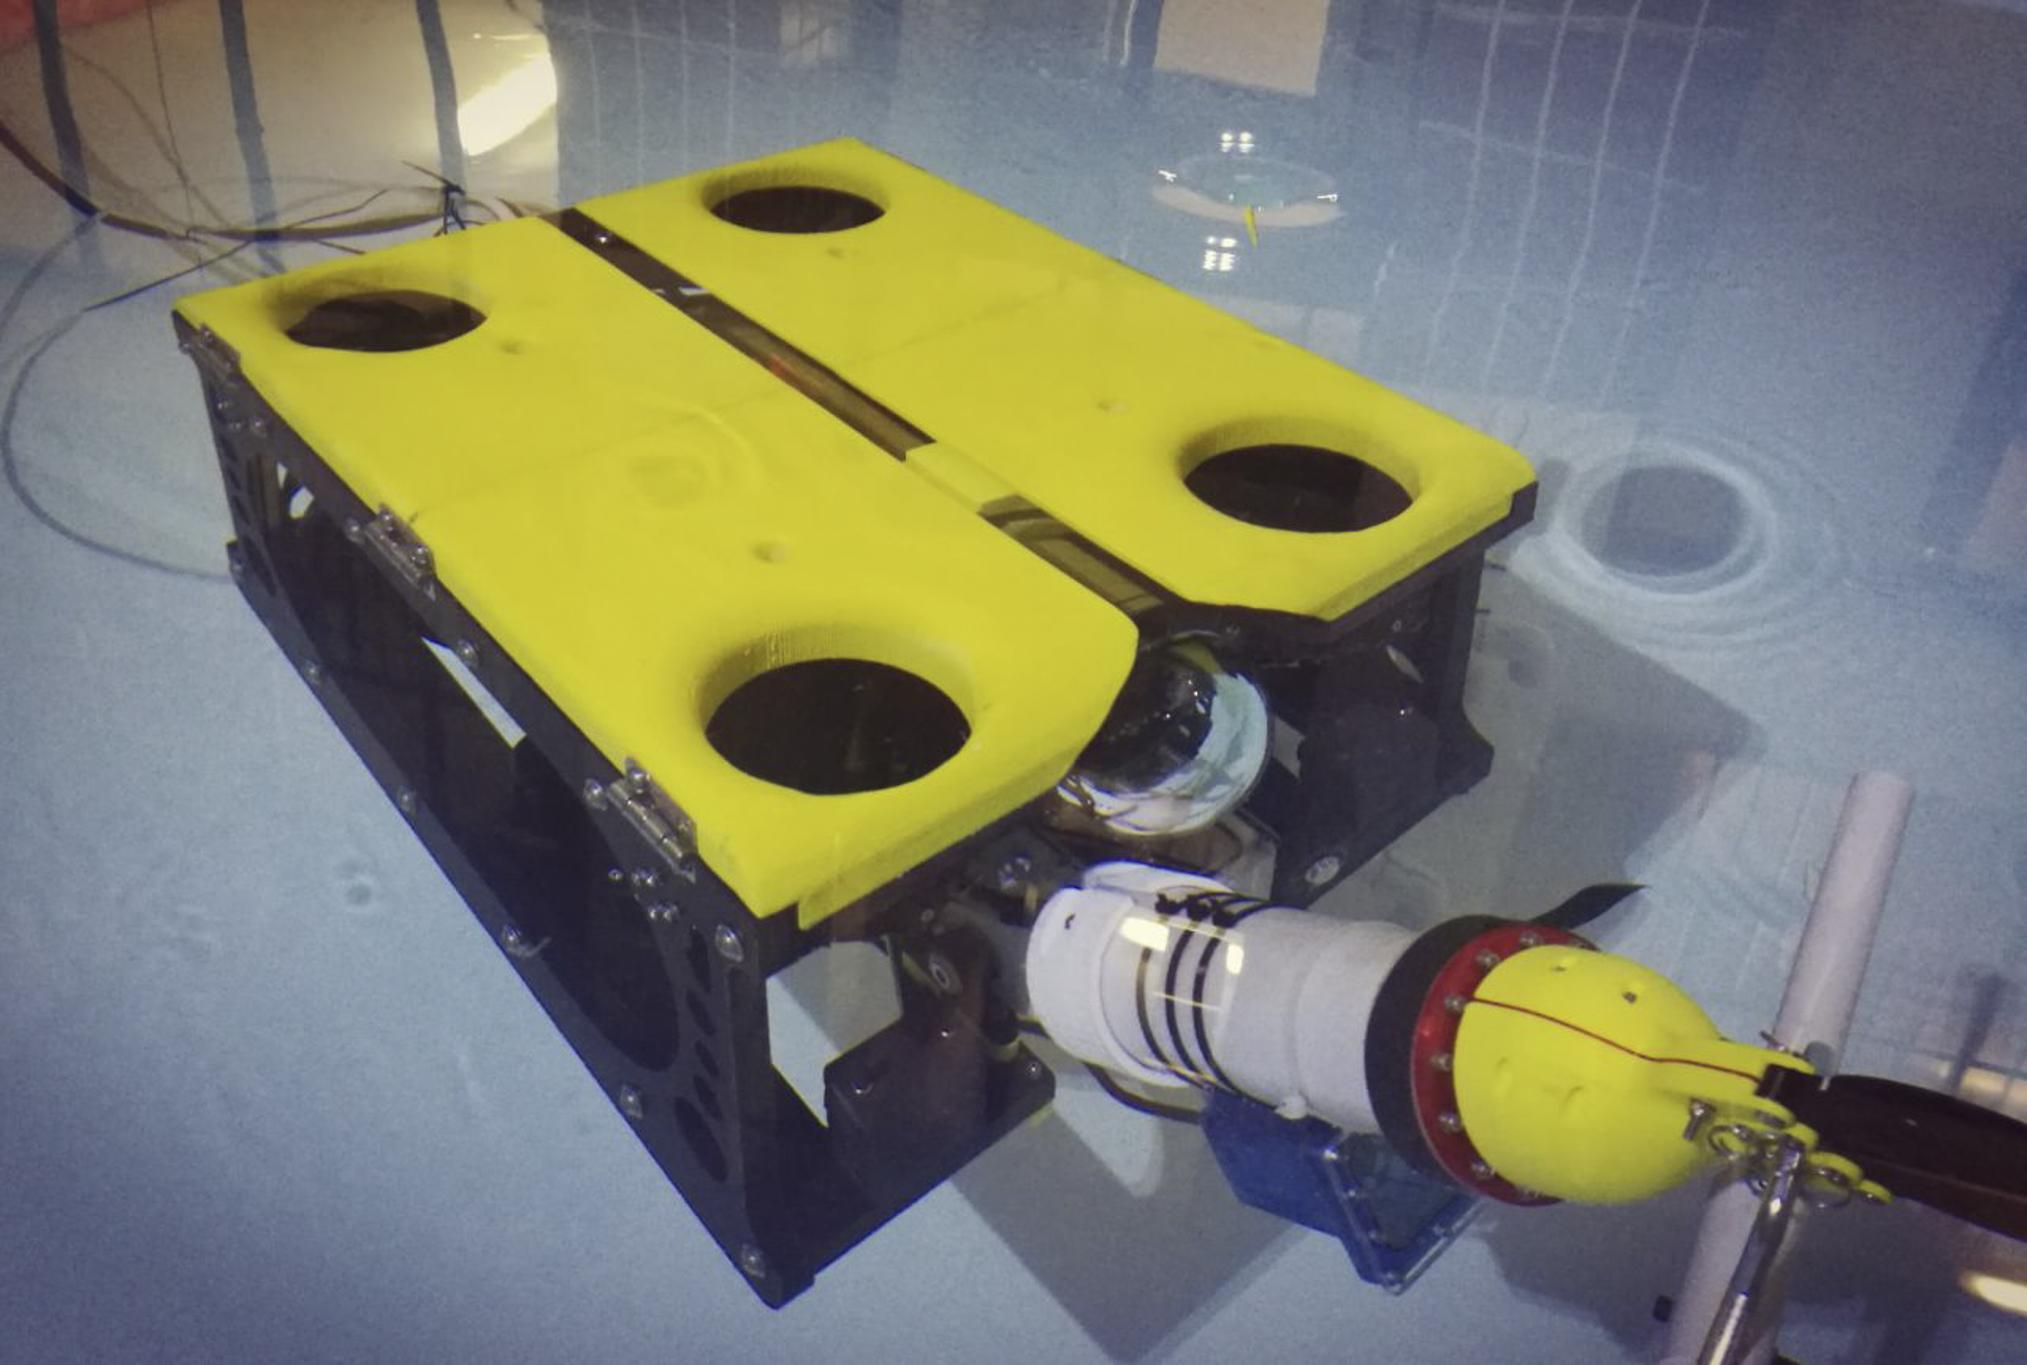 PoliTOcean - University R.O.V. Prototype